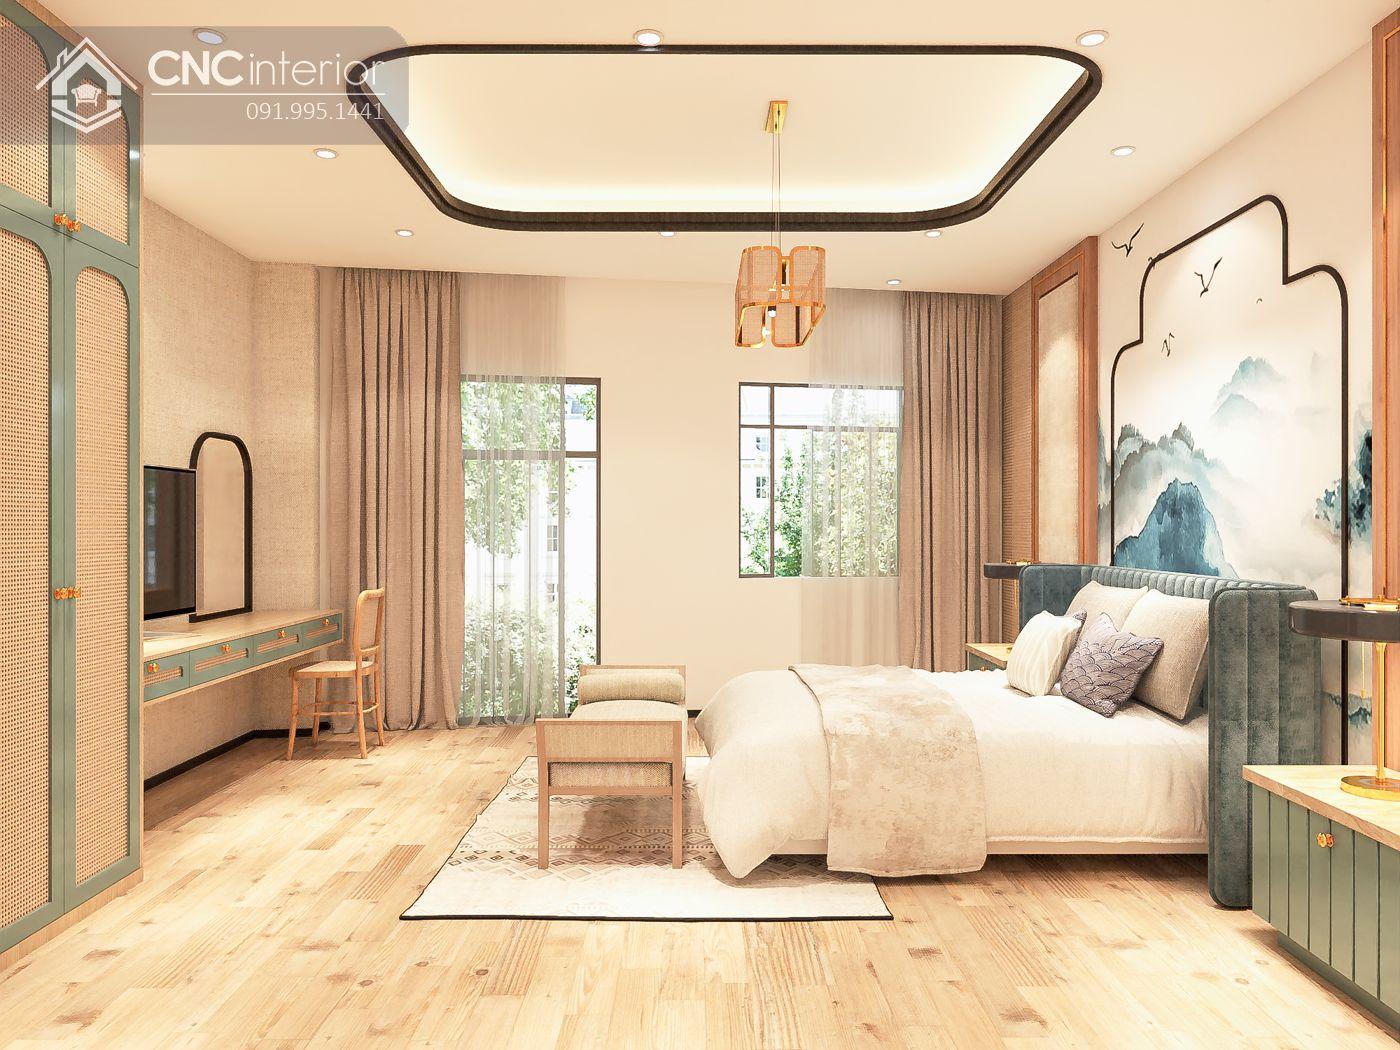 các mẫu thiết kế nội thất phòng ngủ đẹp 15